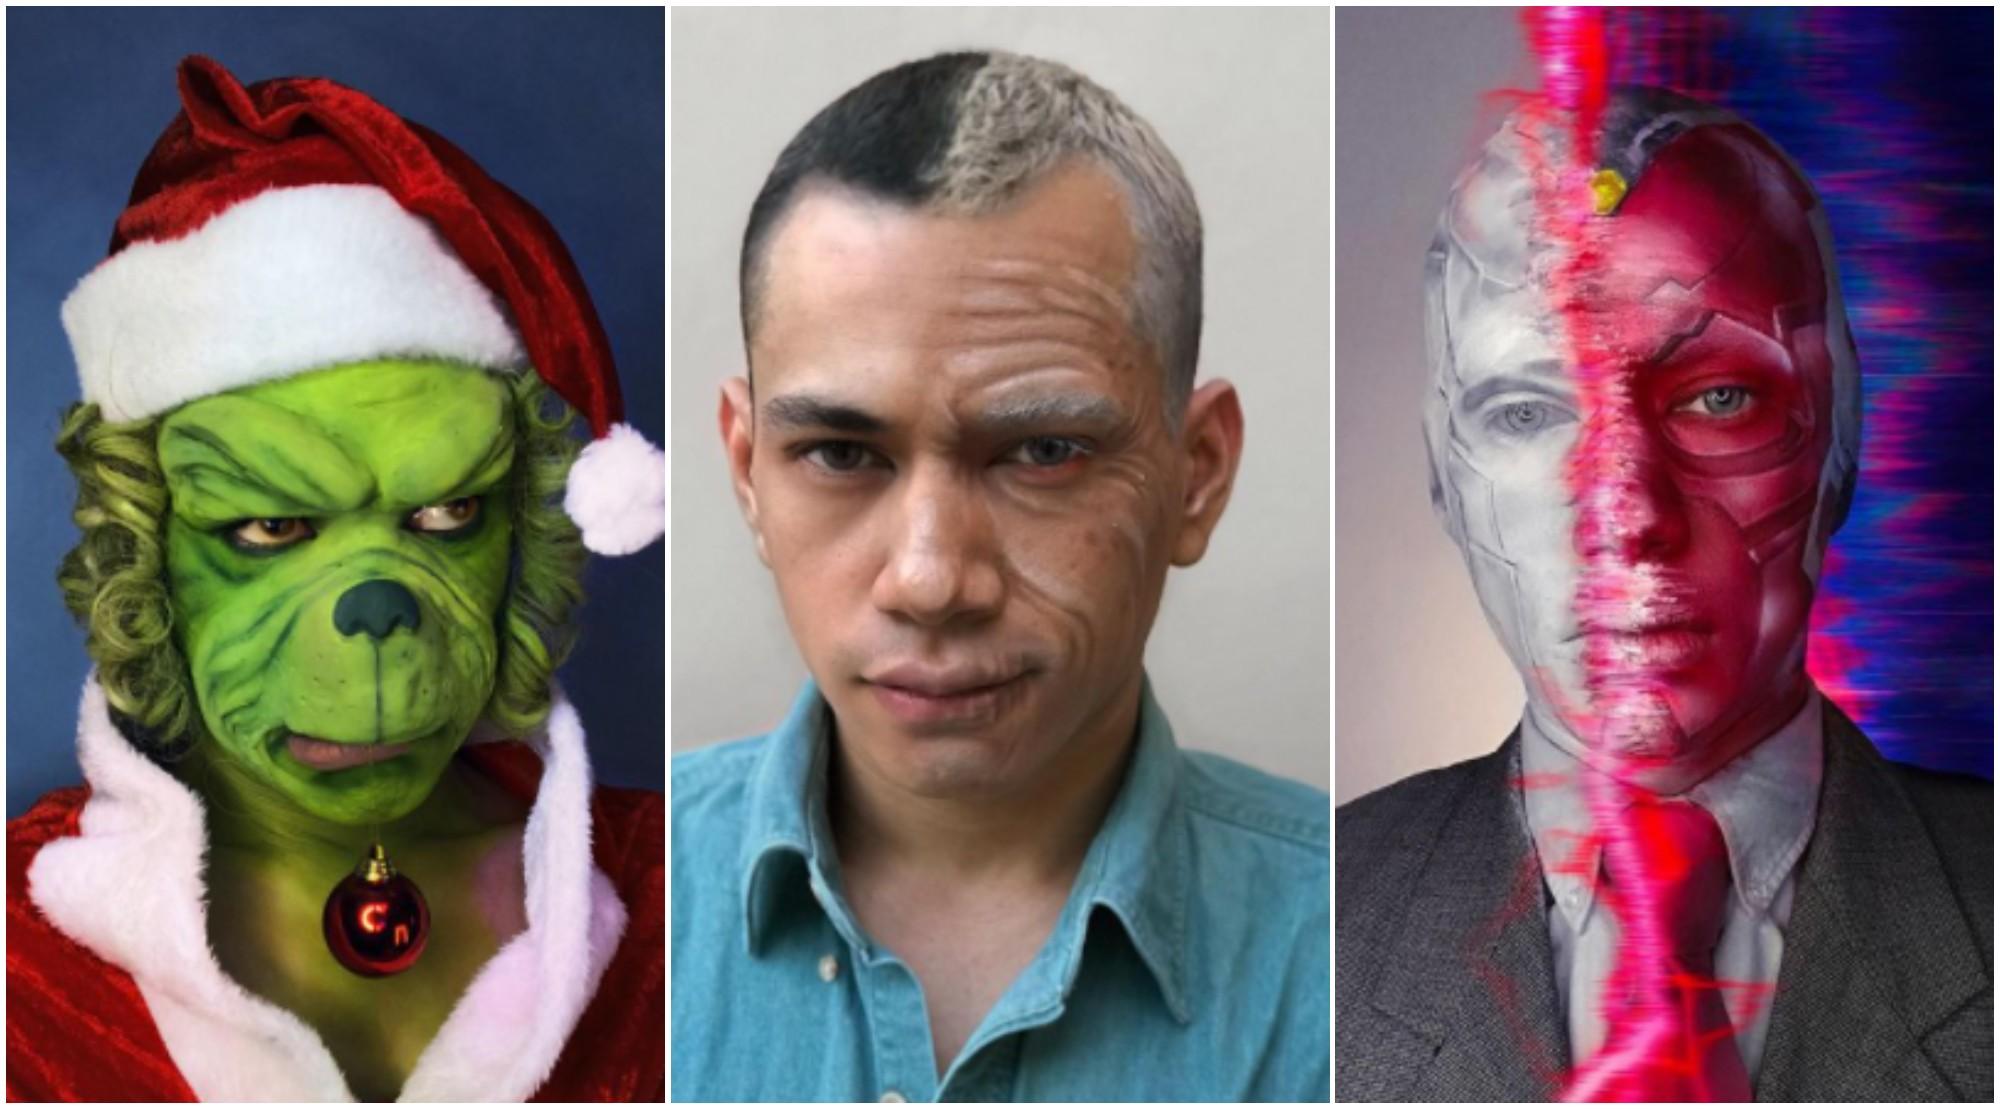 Hondureño Óscar Rodríguez destaca por su maquillaje artístico